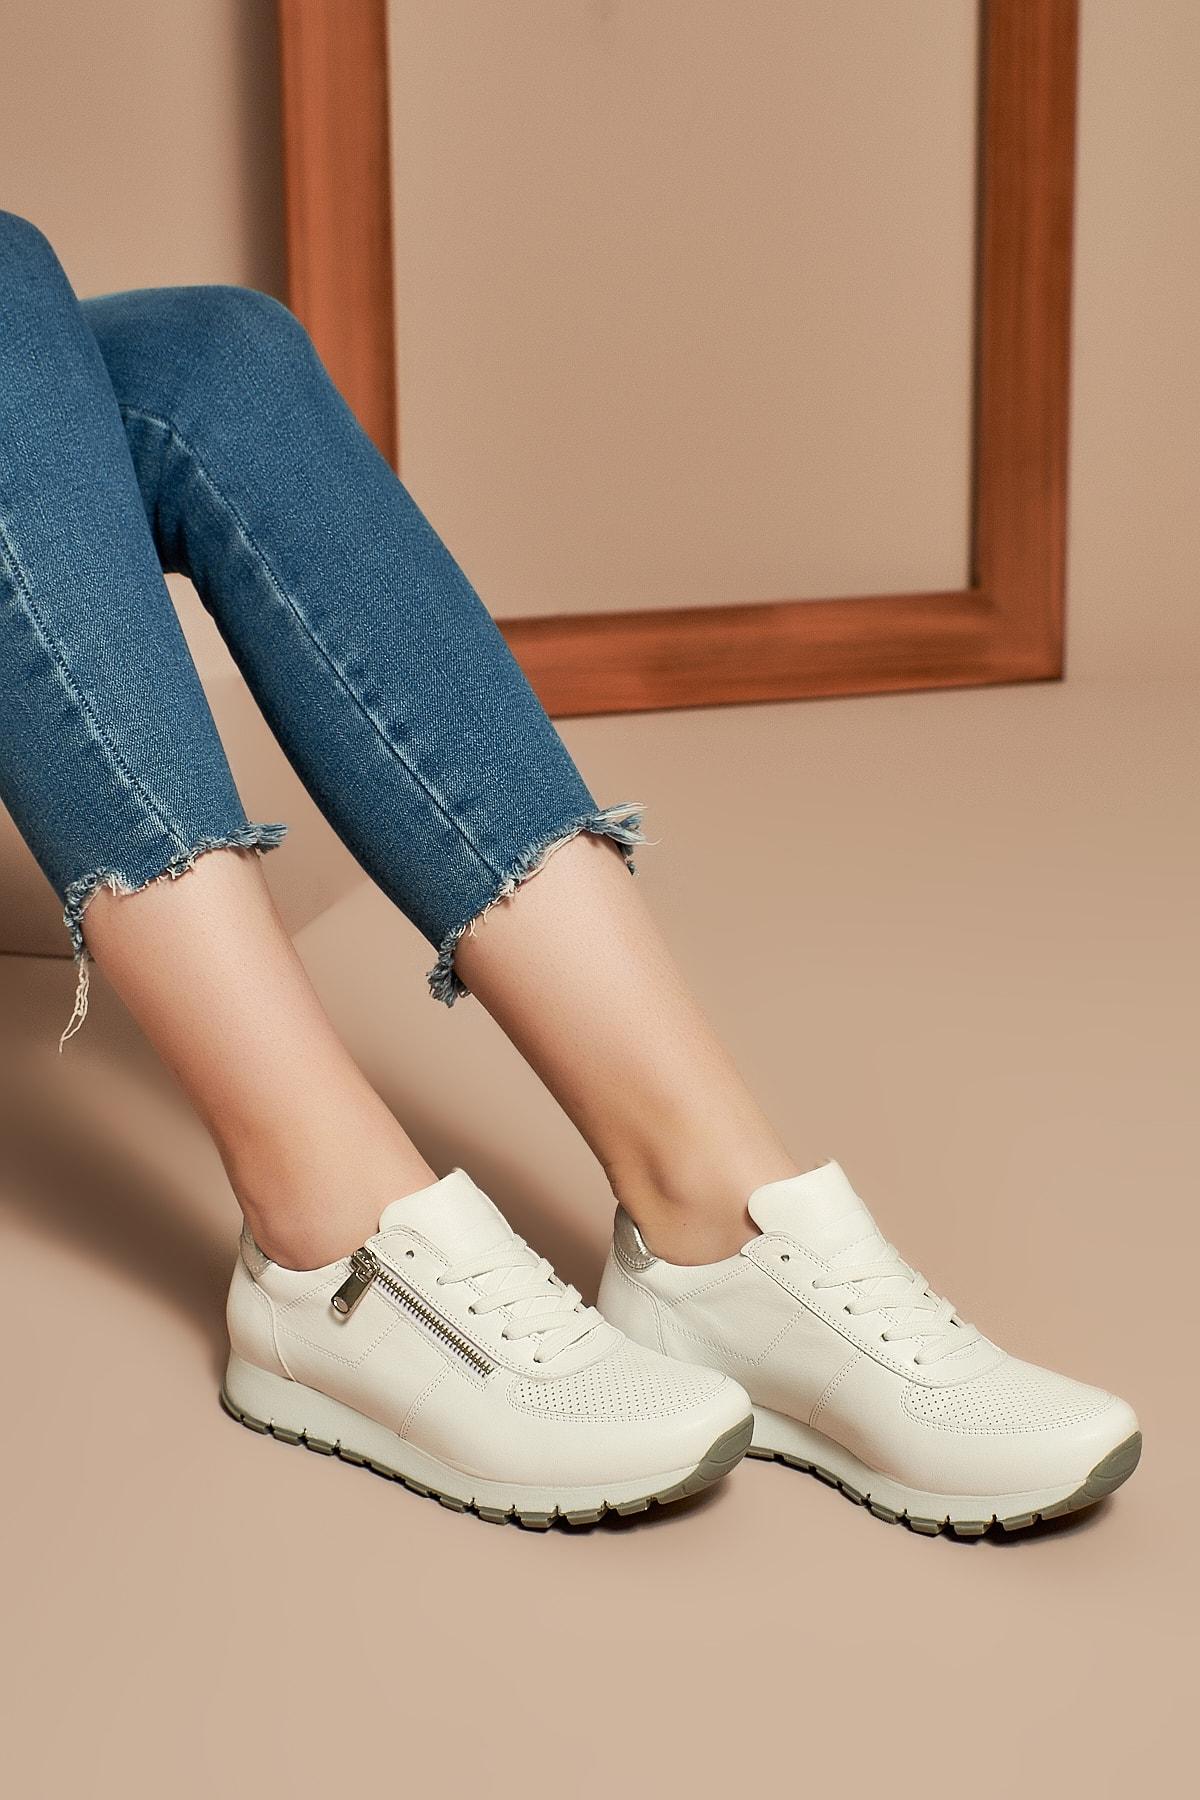 Uniquer Hakiki Deri Beyaz Kadın Ayakkabı 10157U 678 1